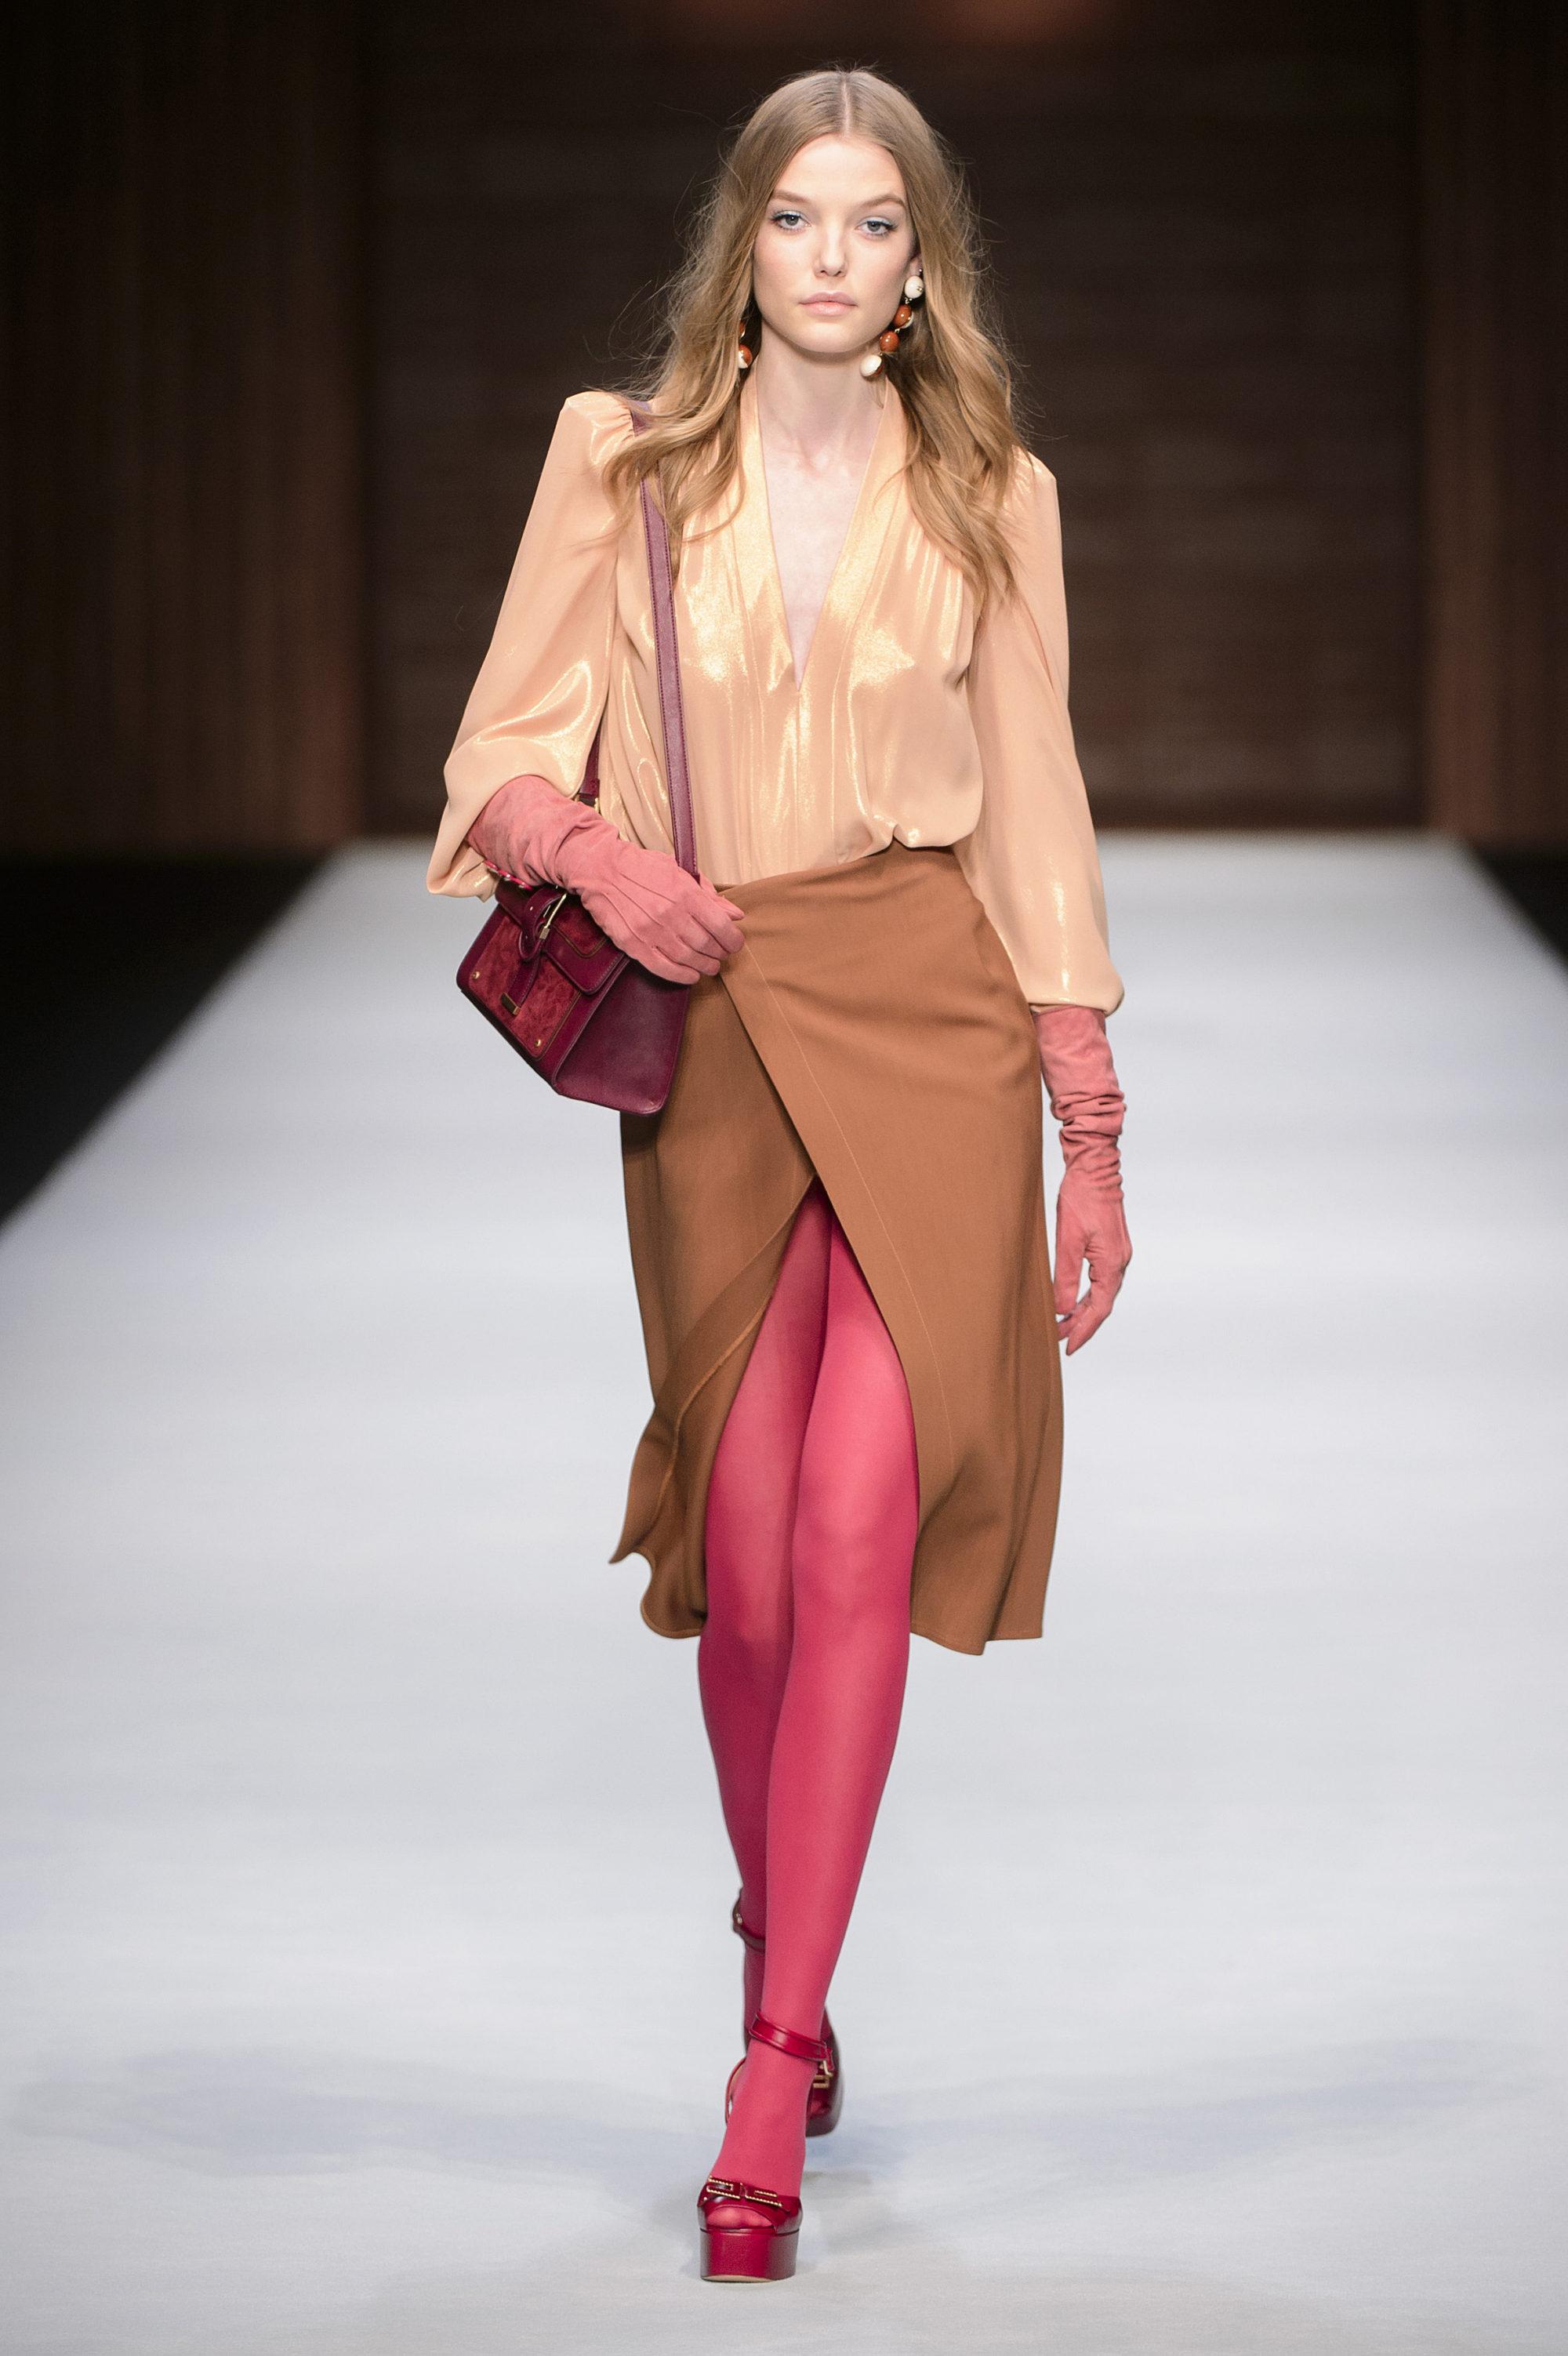 Elisabetta Franchi модная атласная блузка 2019 бежевого цвета